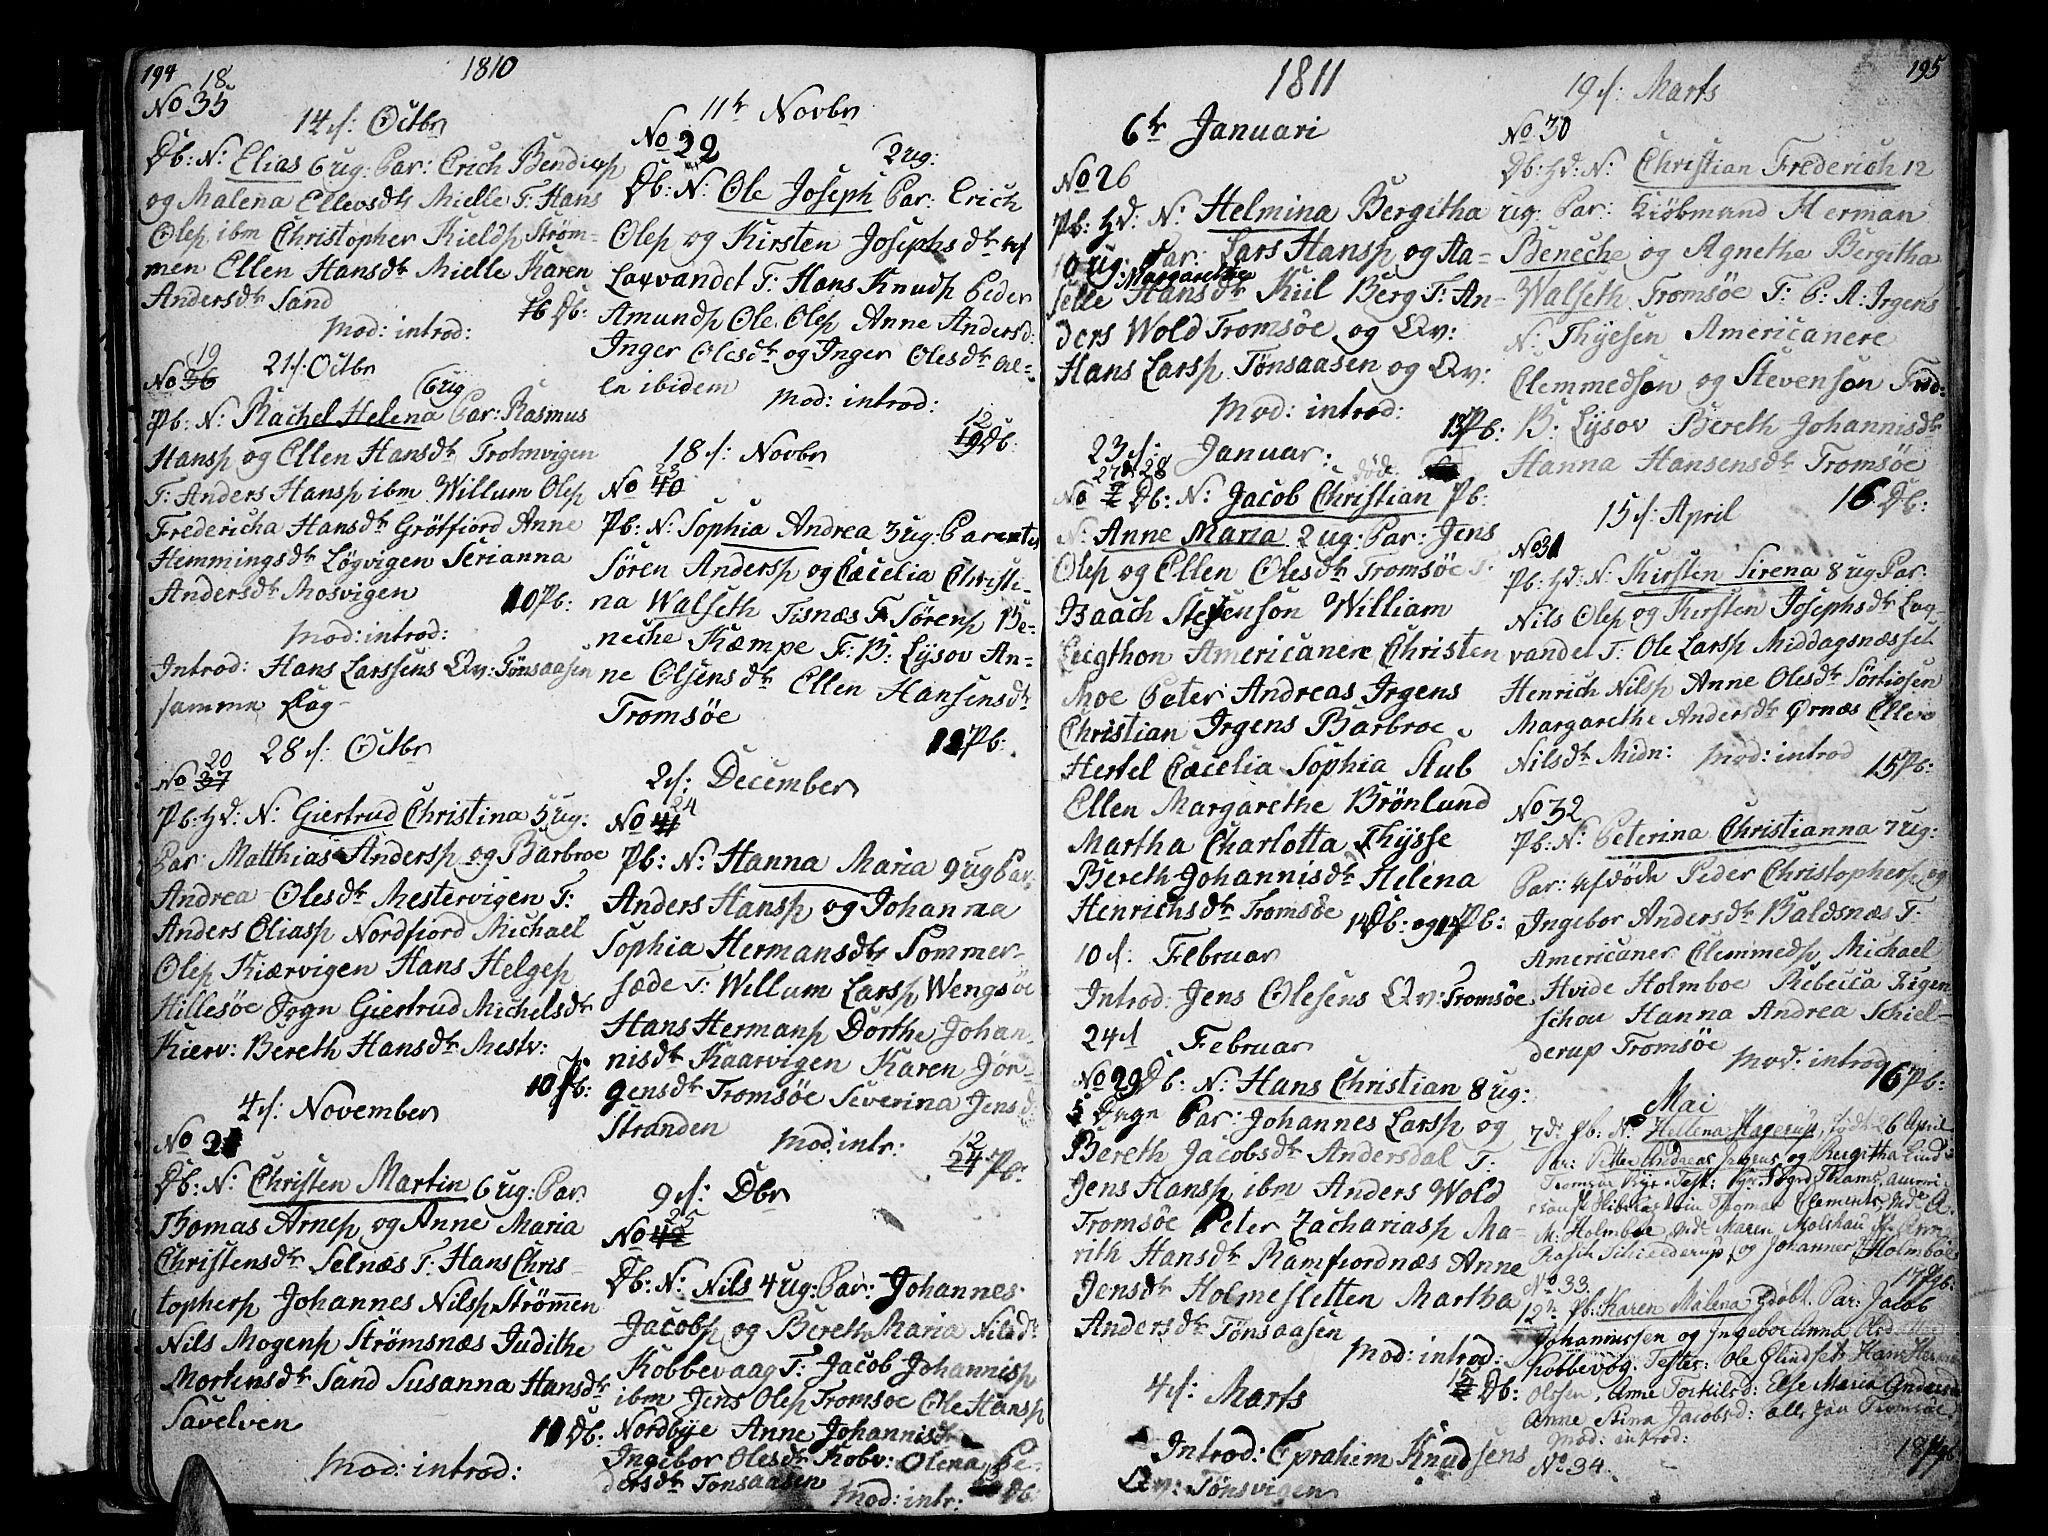 SATØ, Tromsø sokneprestkontor/stiftsprosti/domprosti, G/Ga/L0006kirke: Ministerialbok nr. 6, 1806-1821, s. 194-195